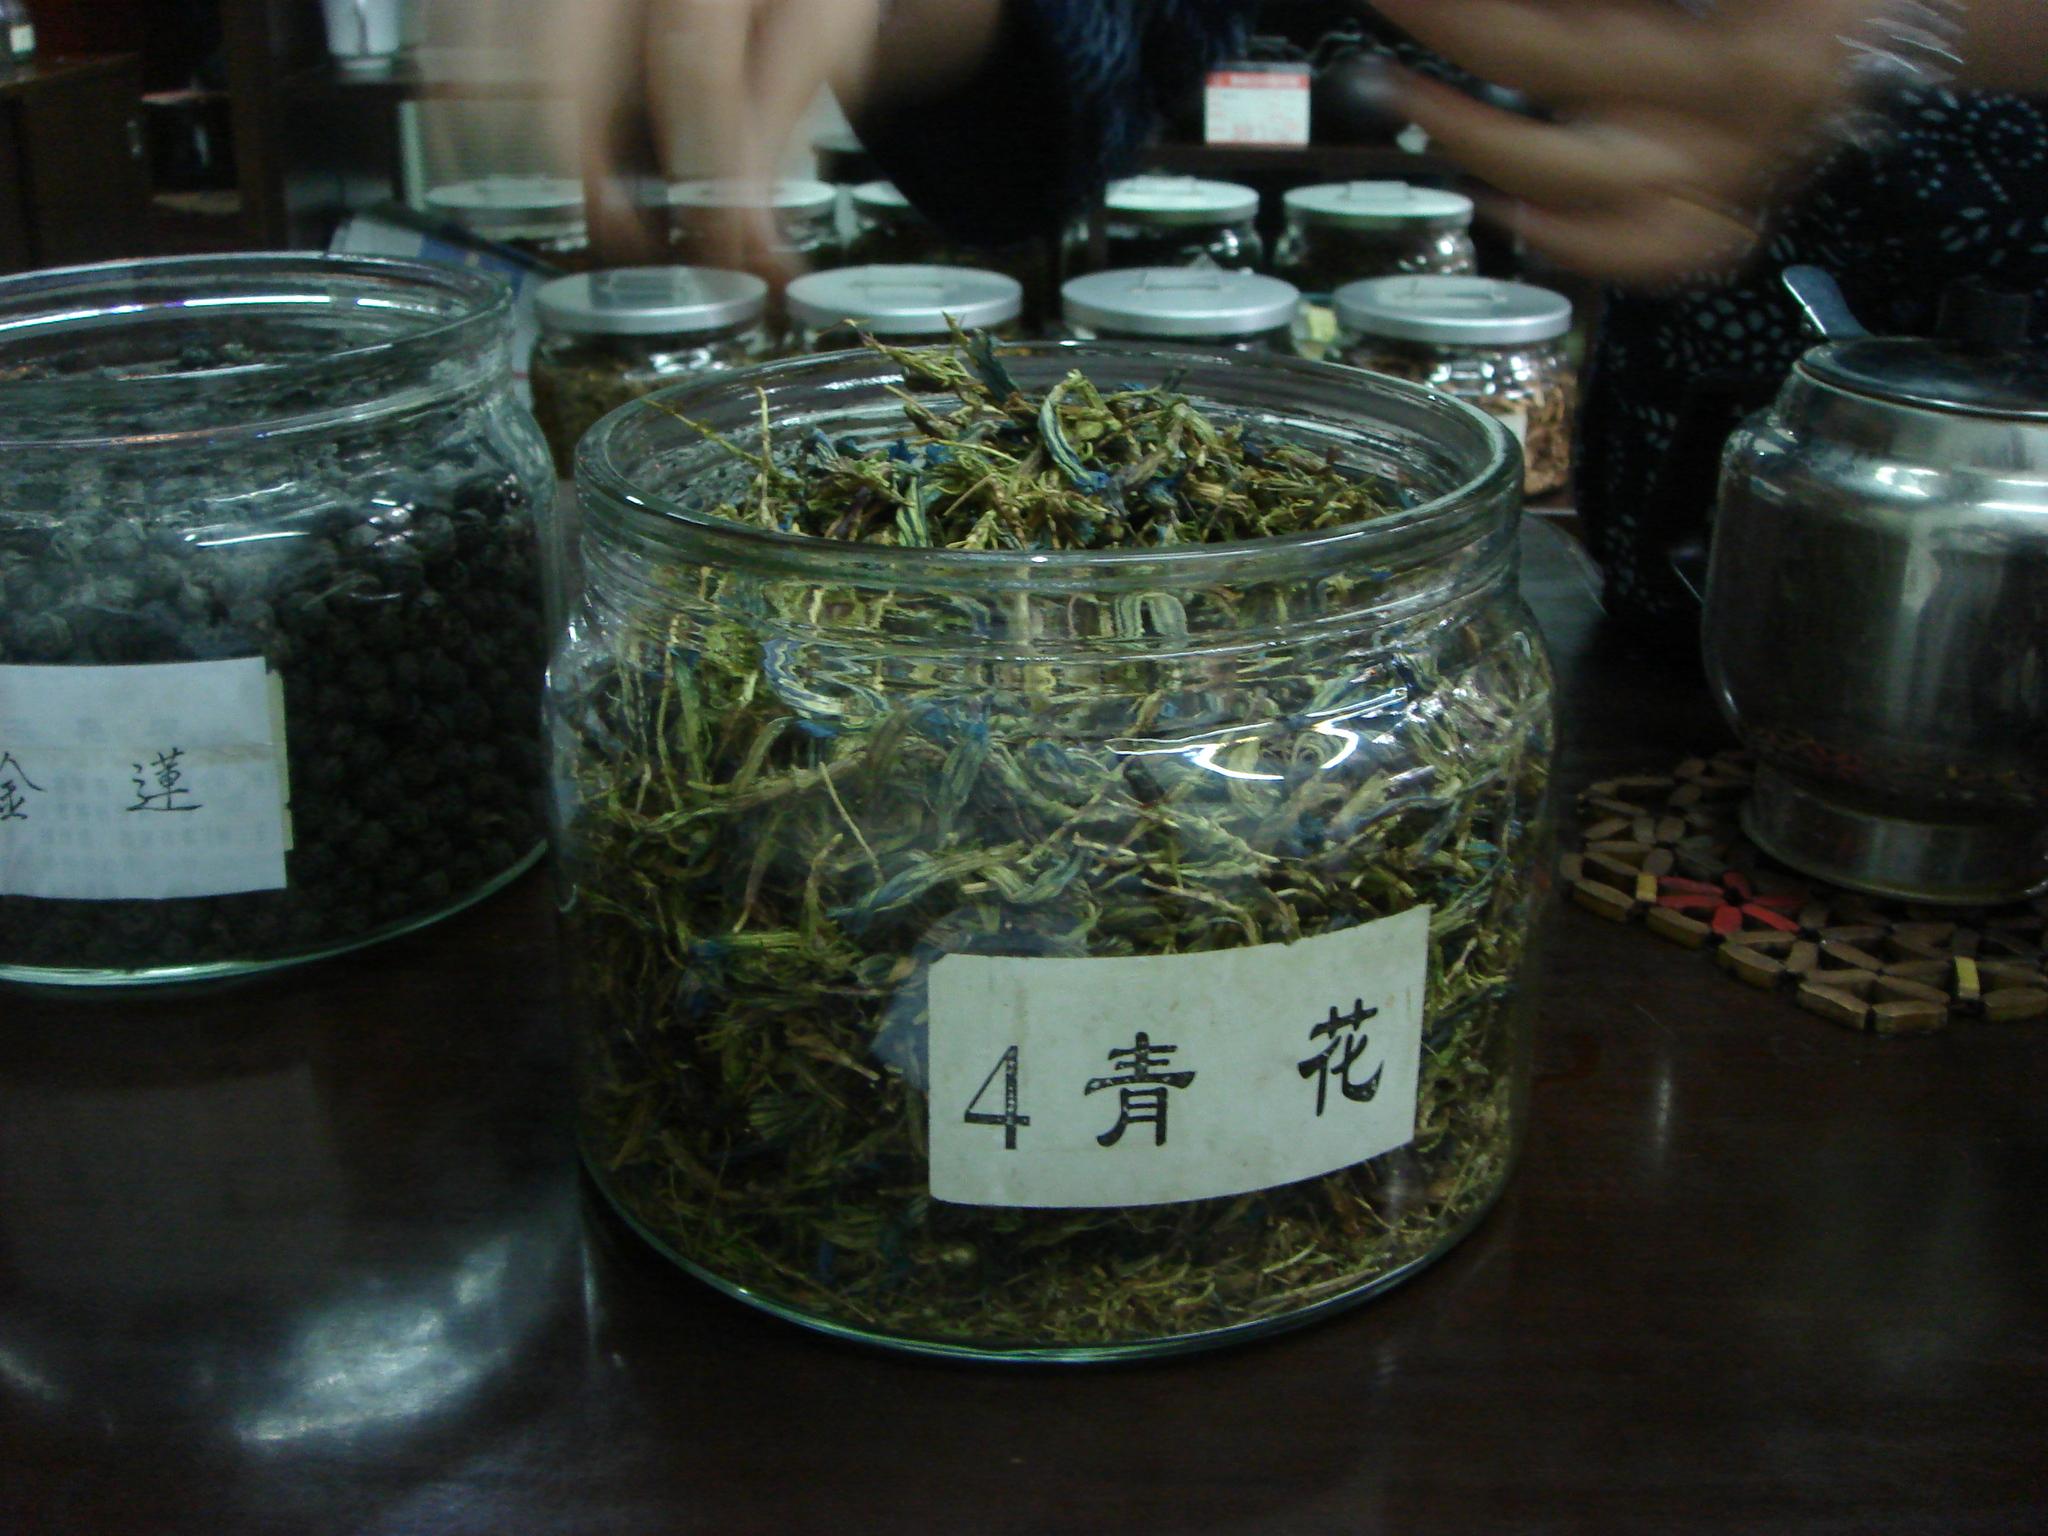 ウーロン茶1杯96万円! 上海で日本人ぼったくり〈詐欺〉被害が急増中 - NAVER まとめ